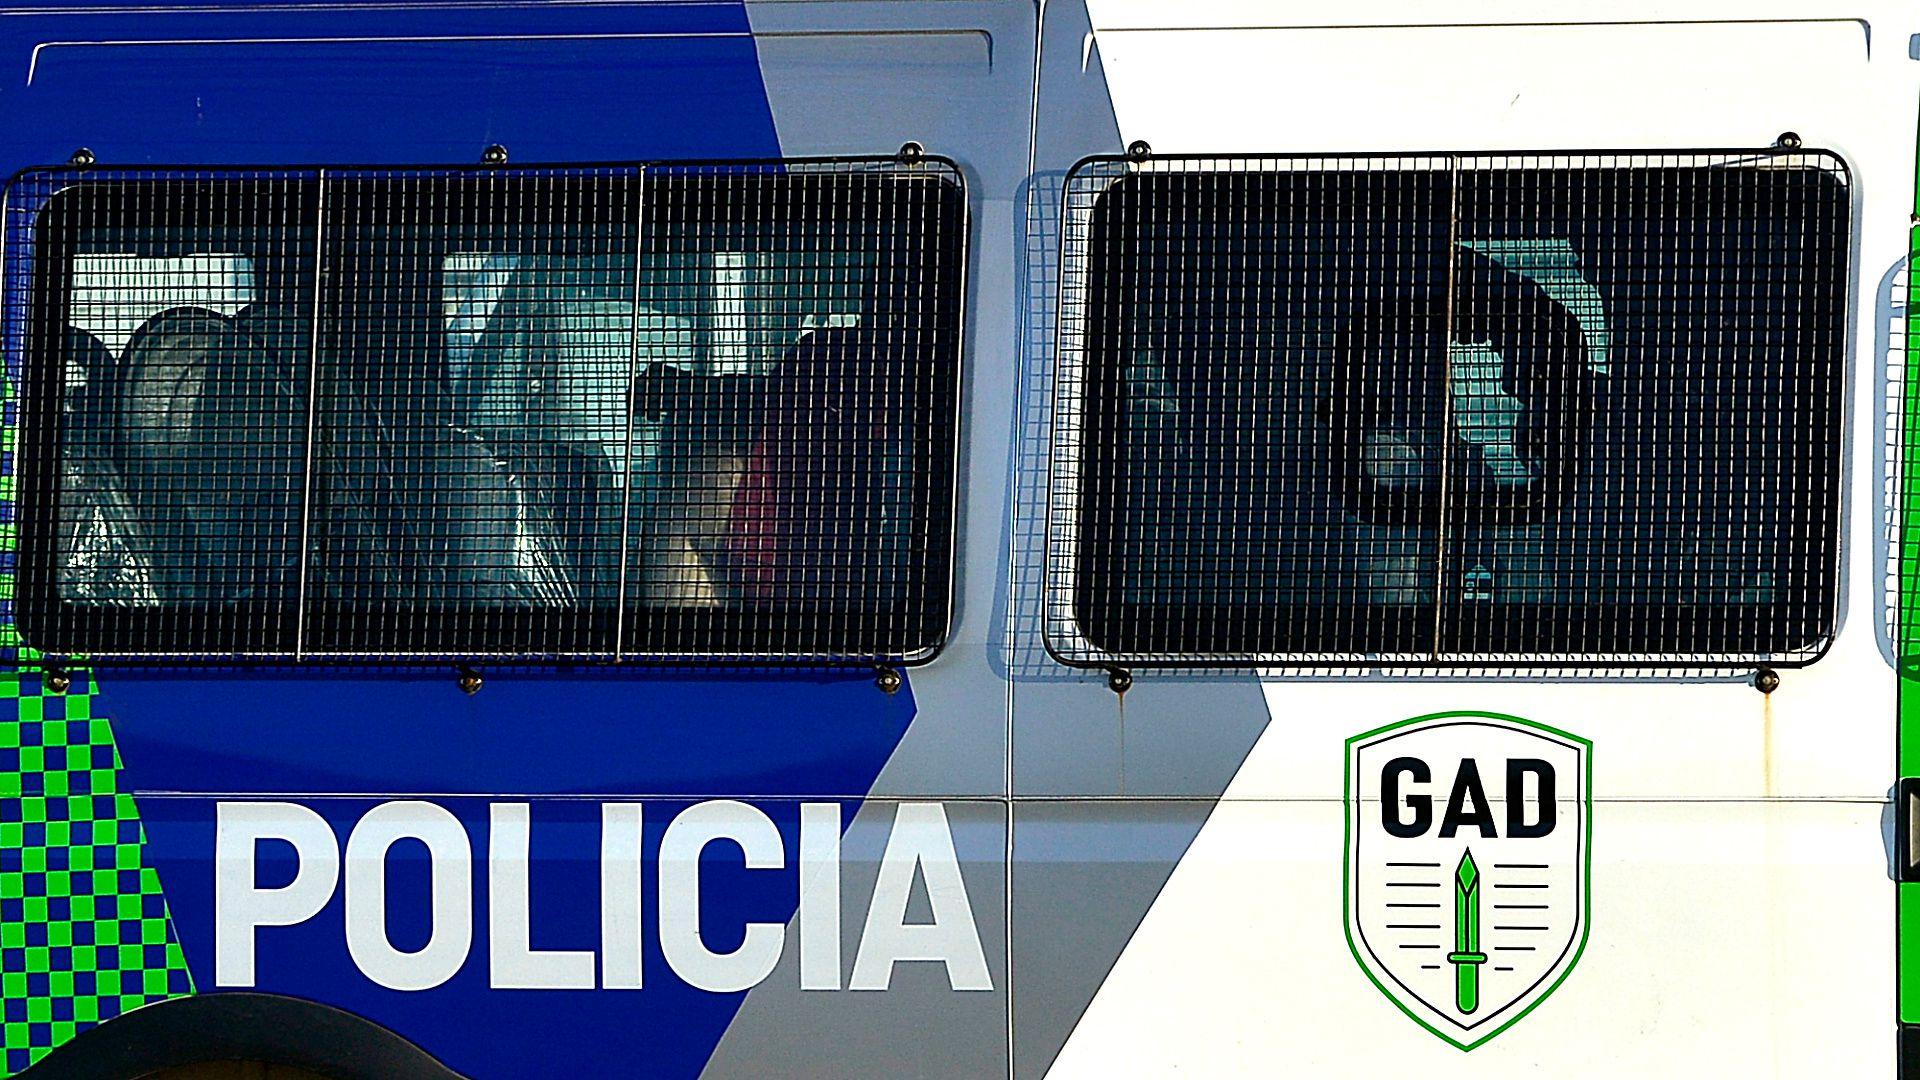 La fiscal del caso tiene plazo hasta el 18 de febrero para solicitar o no la prisión preventiva de los acusados (Gustavo Gavotti)